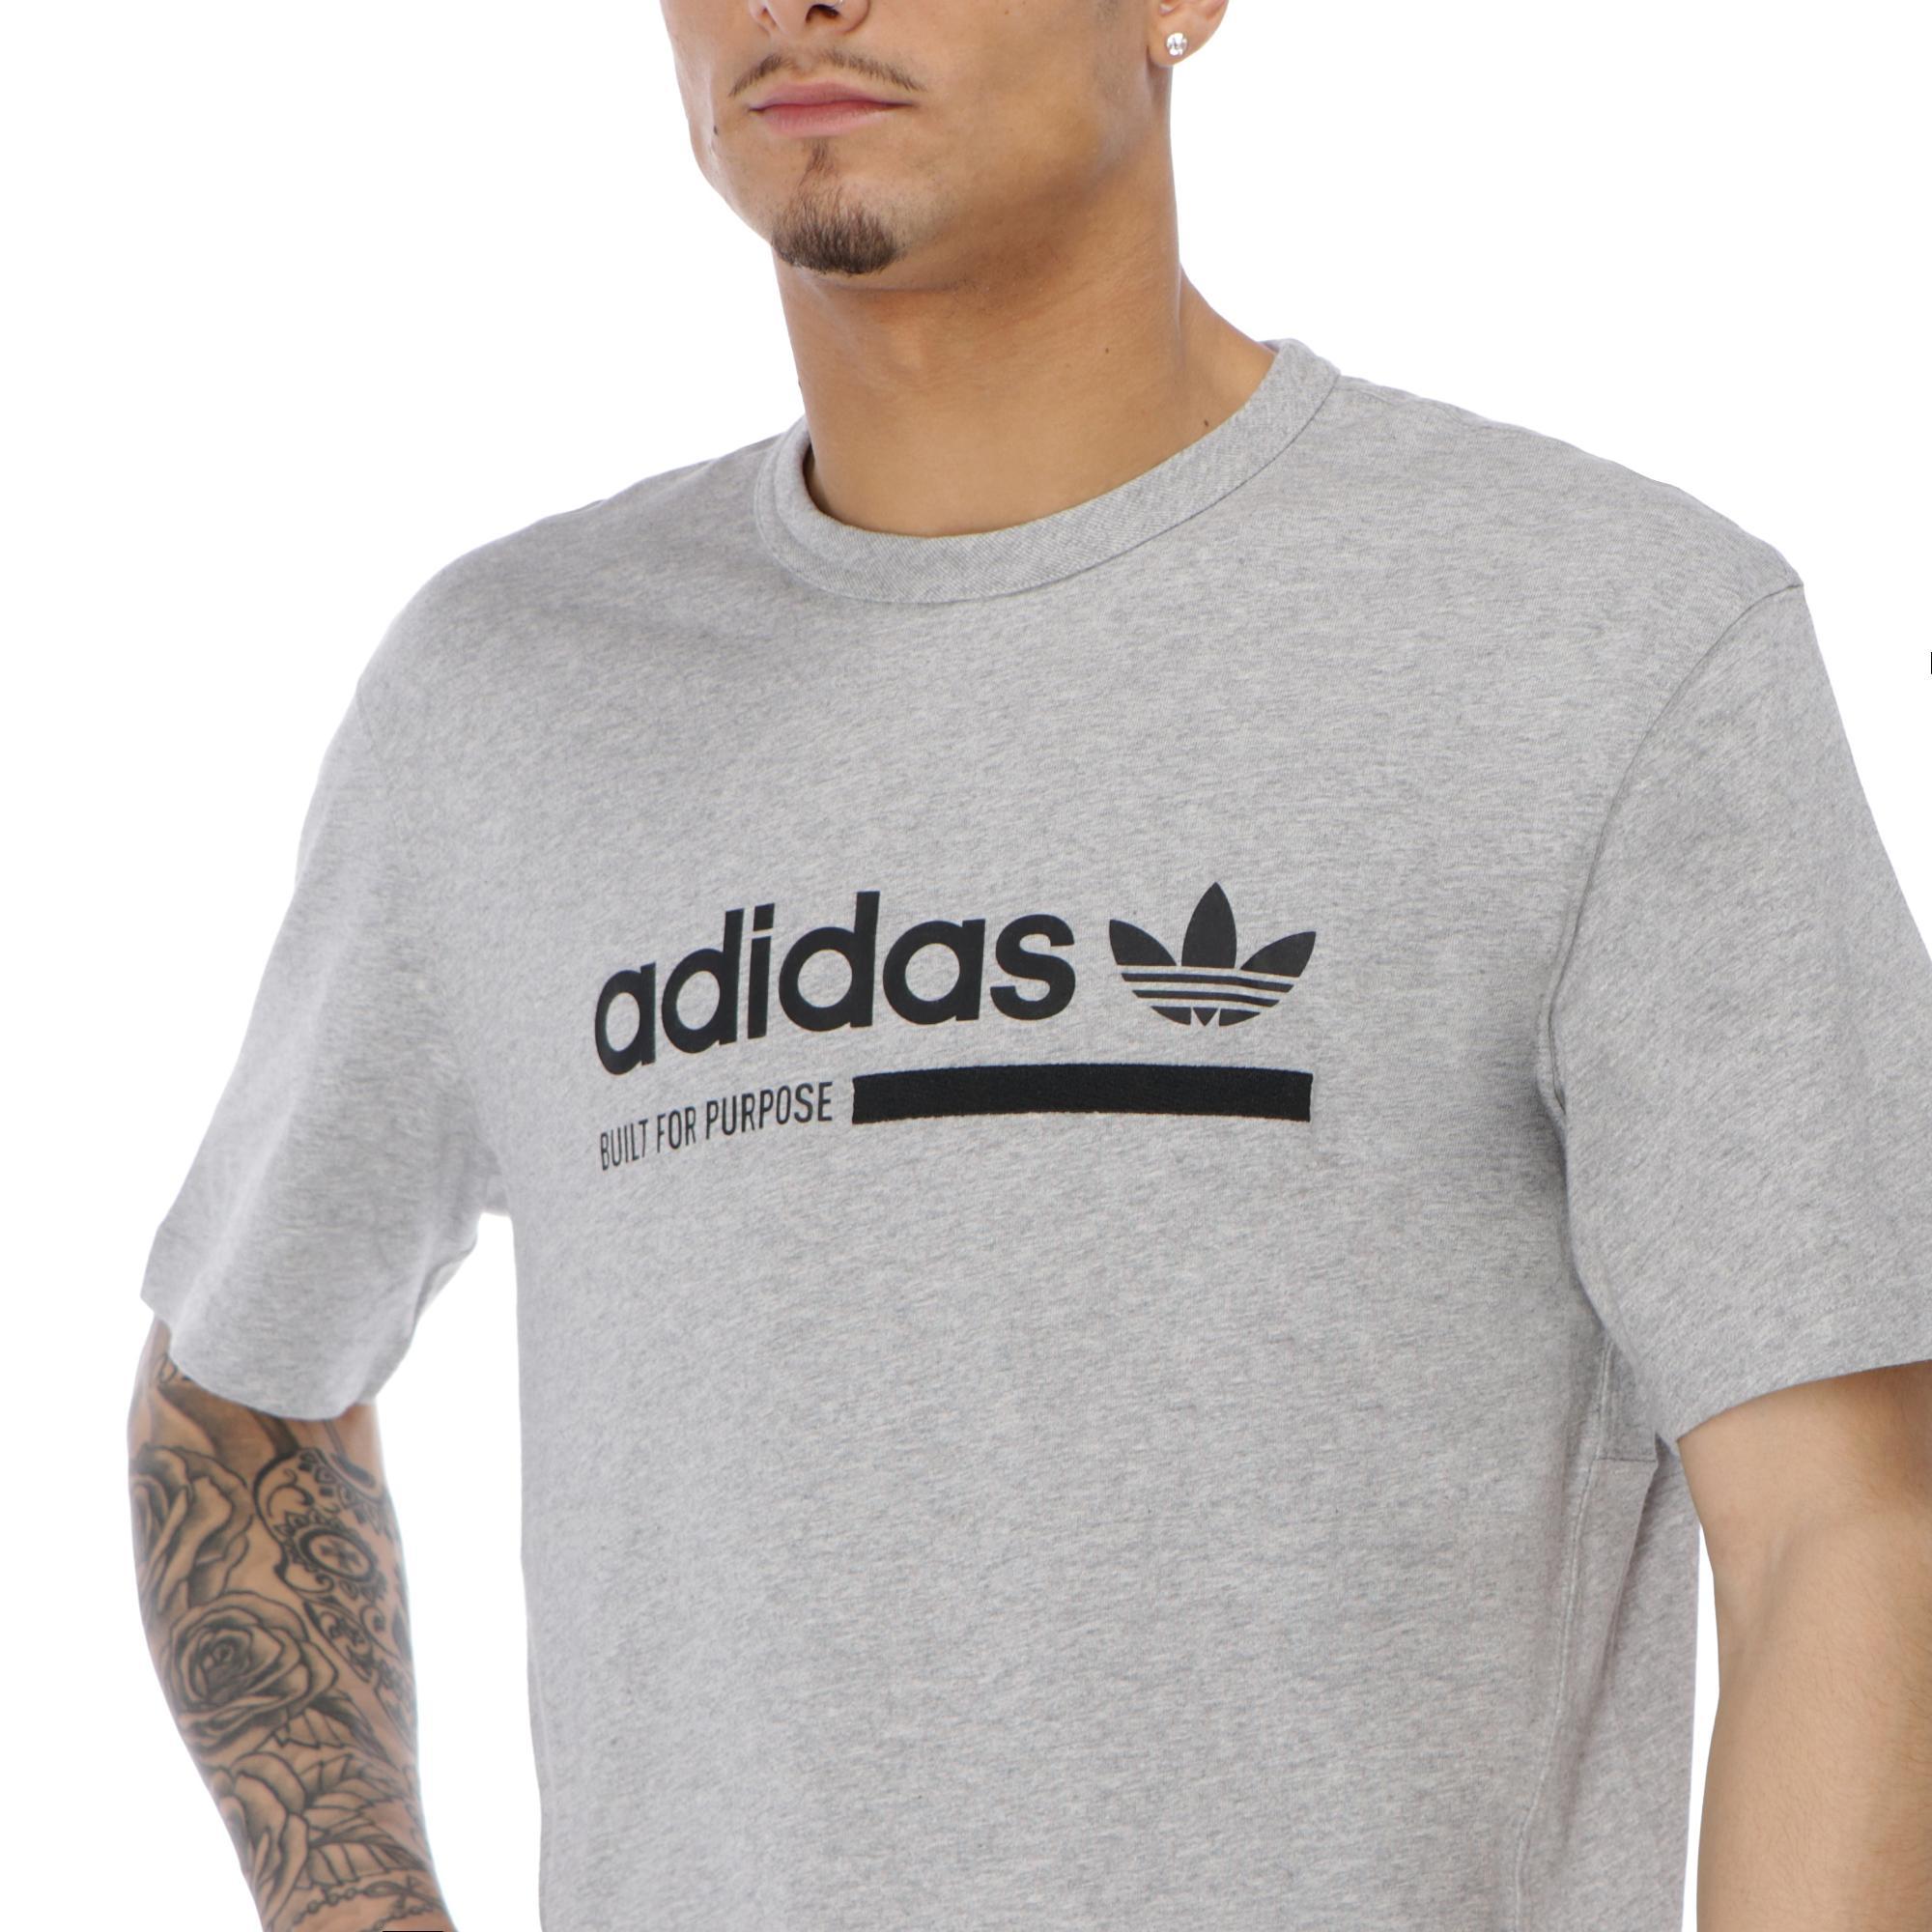 Adidas Tee MEDIUM GREY